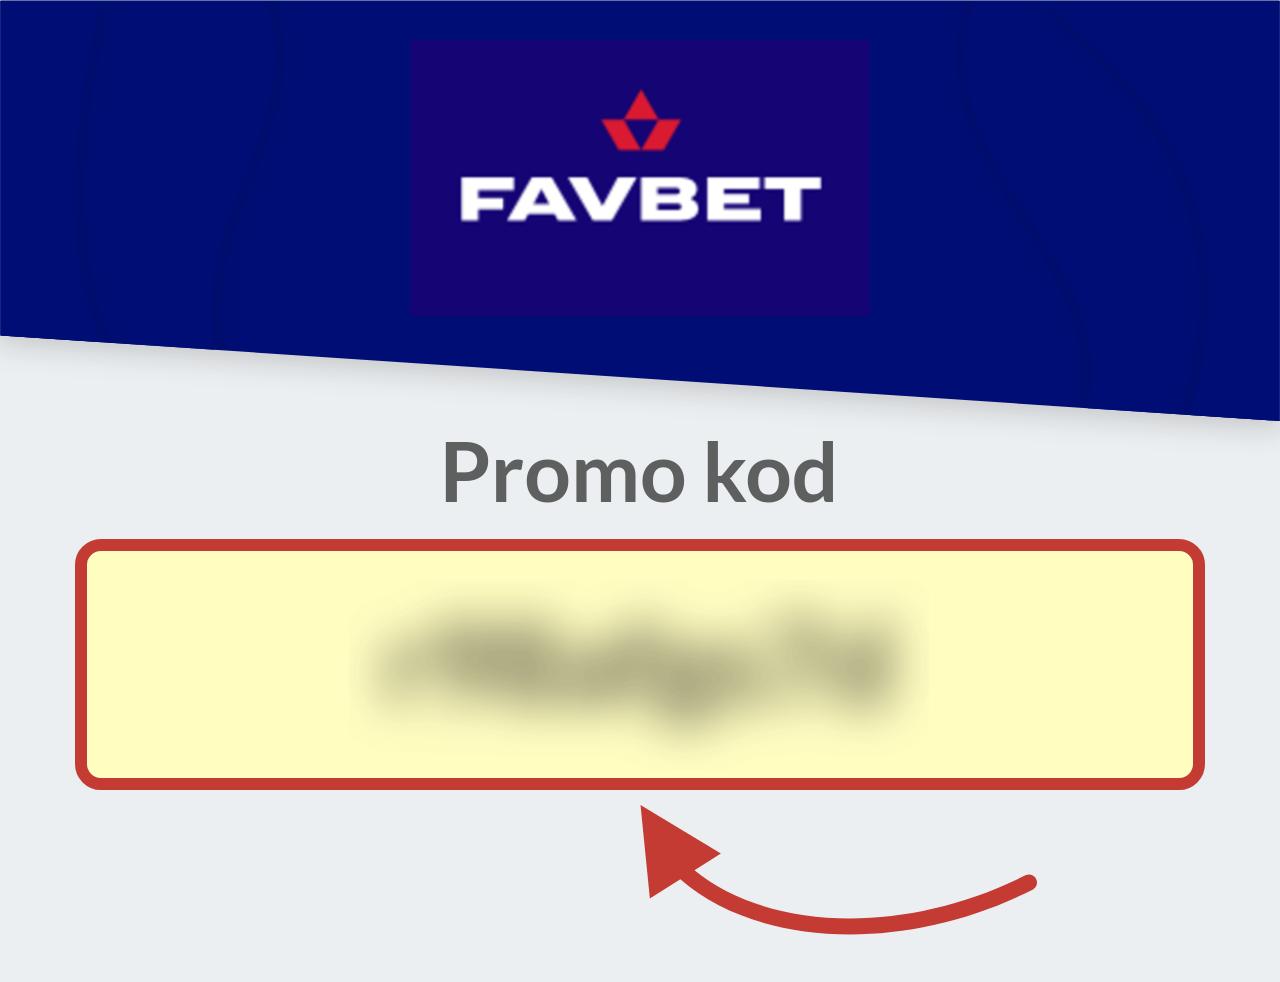 FavBet Promo Kod